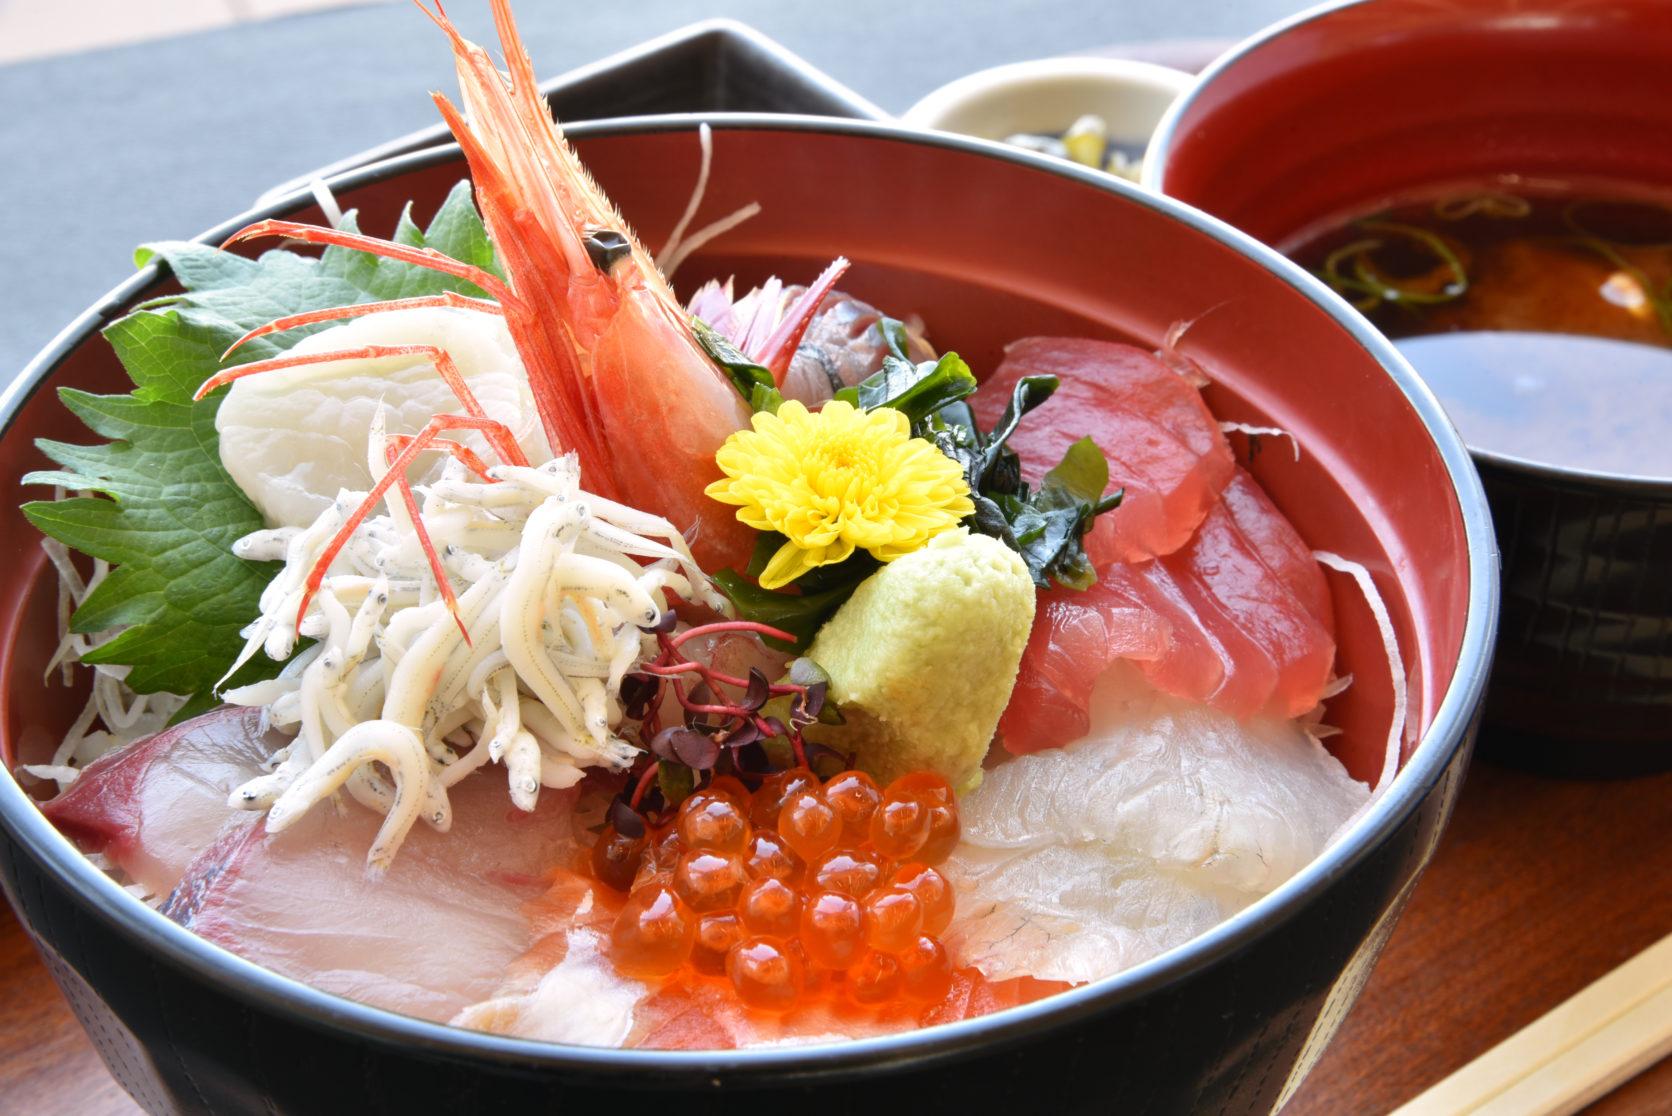 札幌の名物グルメ「海鮮丼」